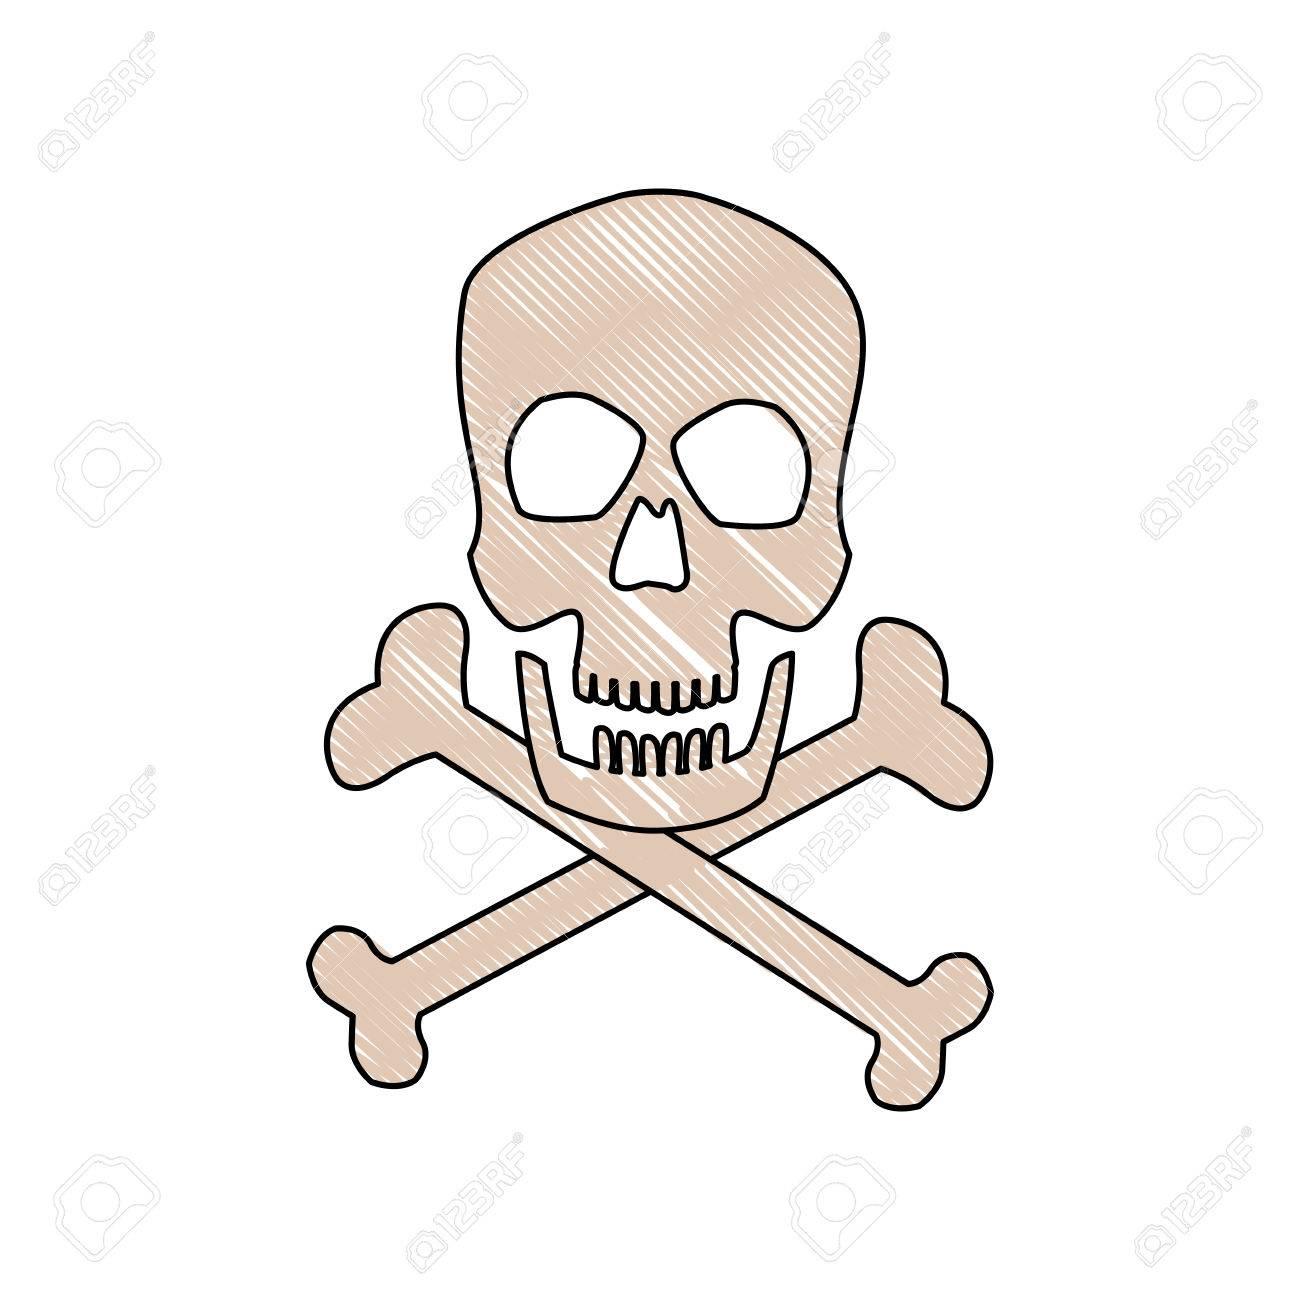 Ziemlich Knochen Malvorlagen Bilder - Malvorlagen-Ideen ...